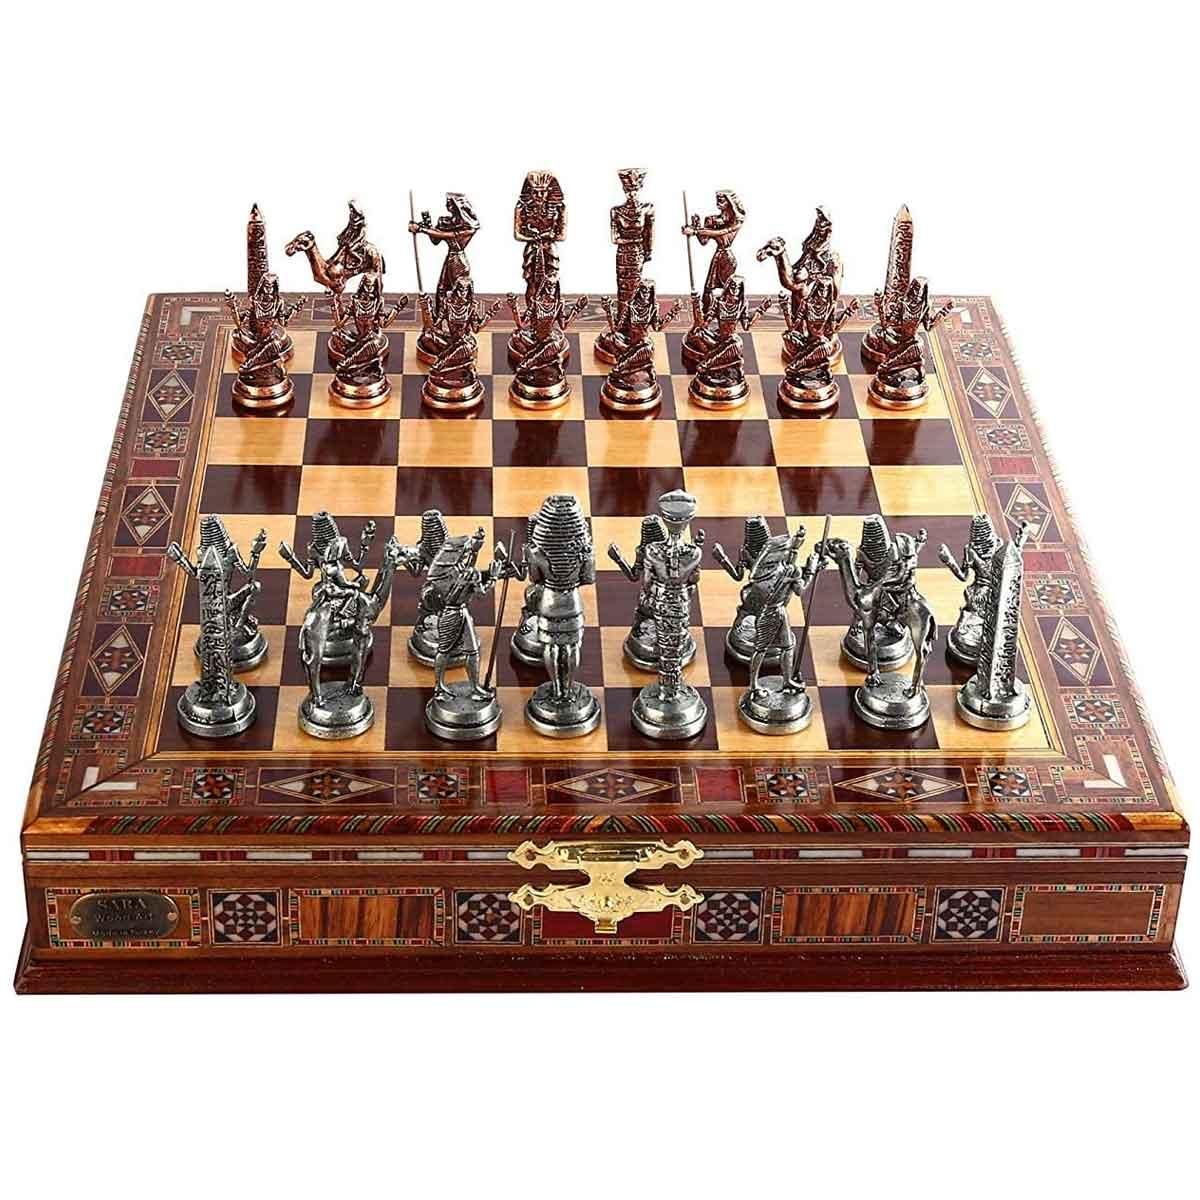 Juego de ajedrez de cobre antiguo egipcio